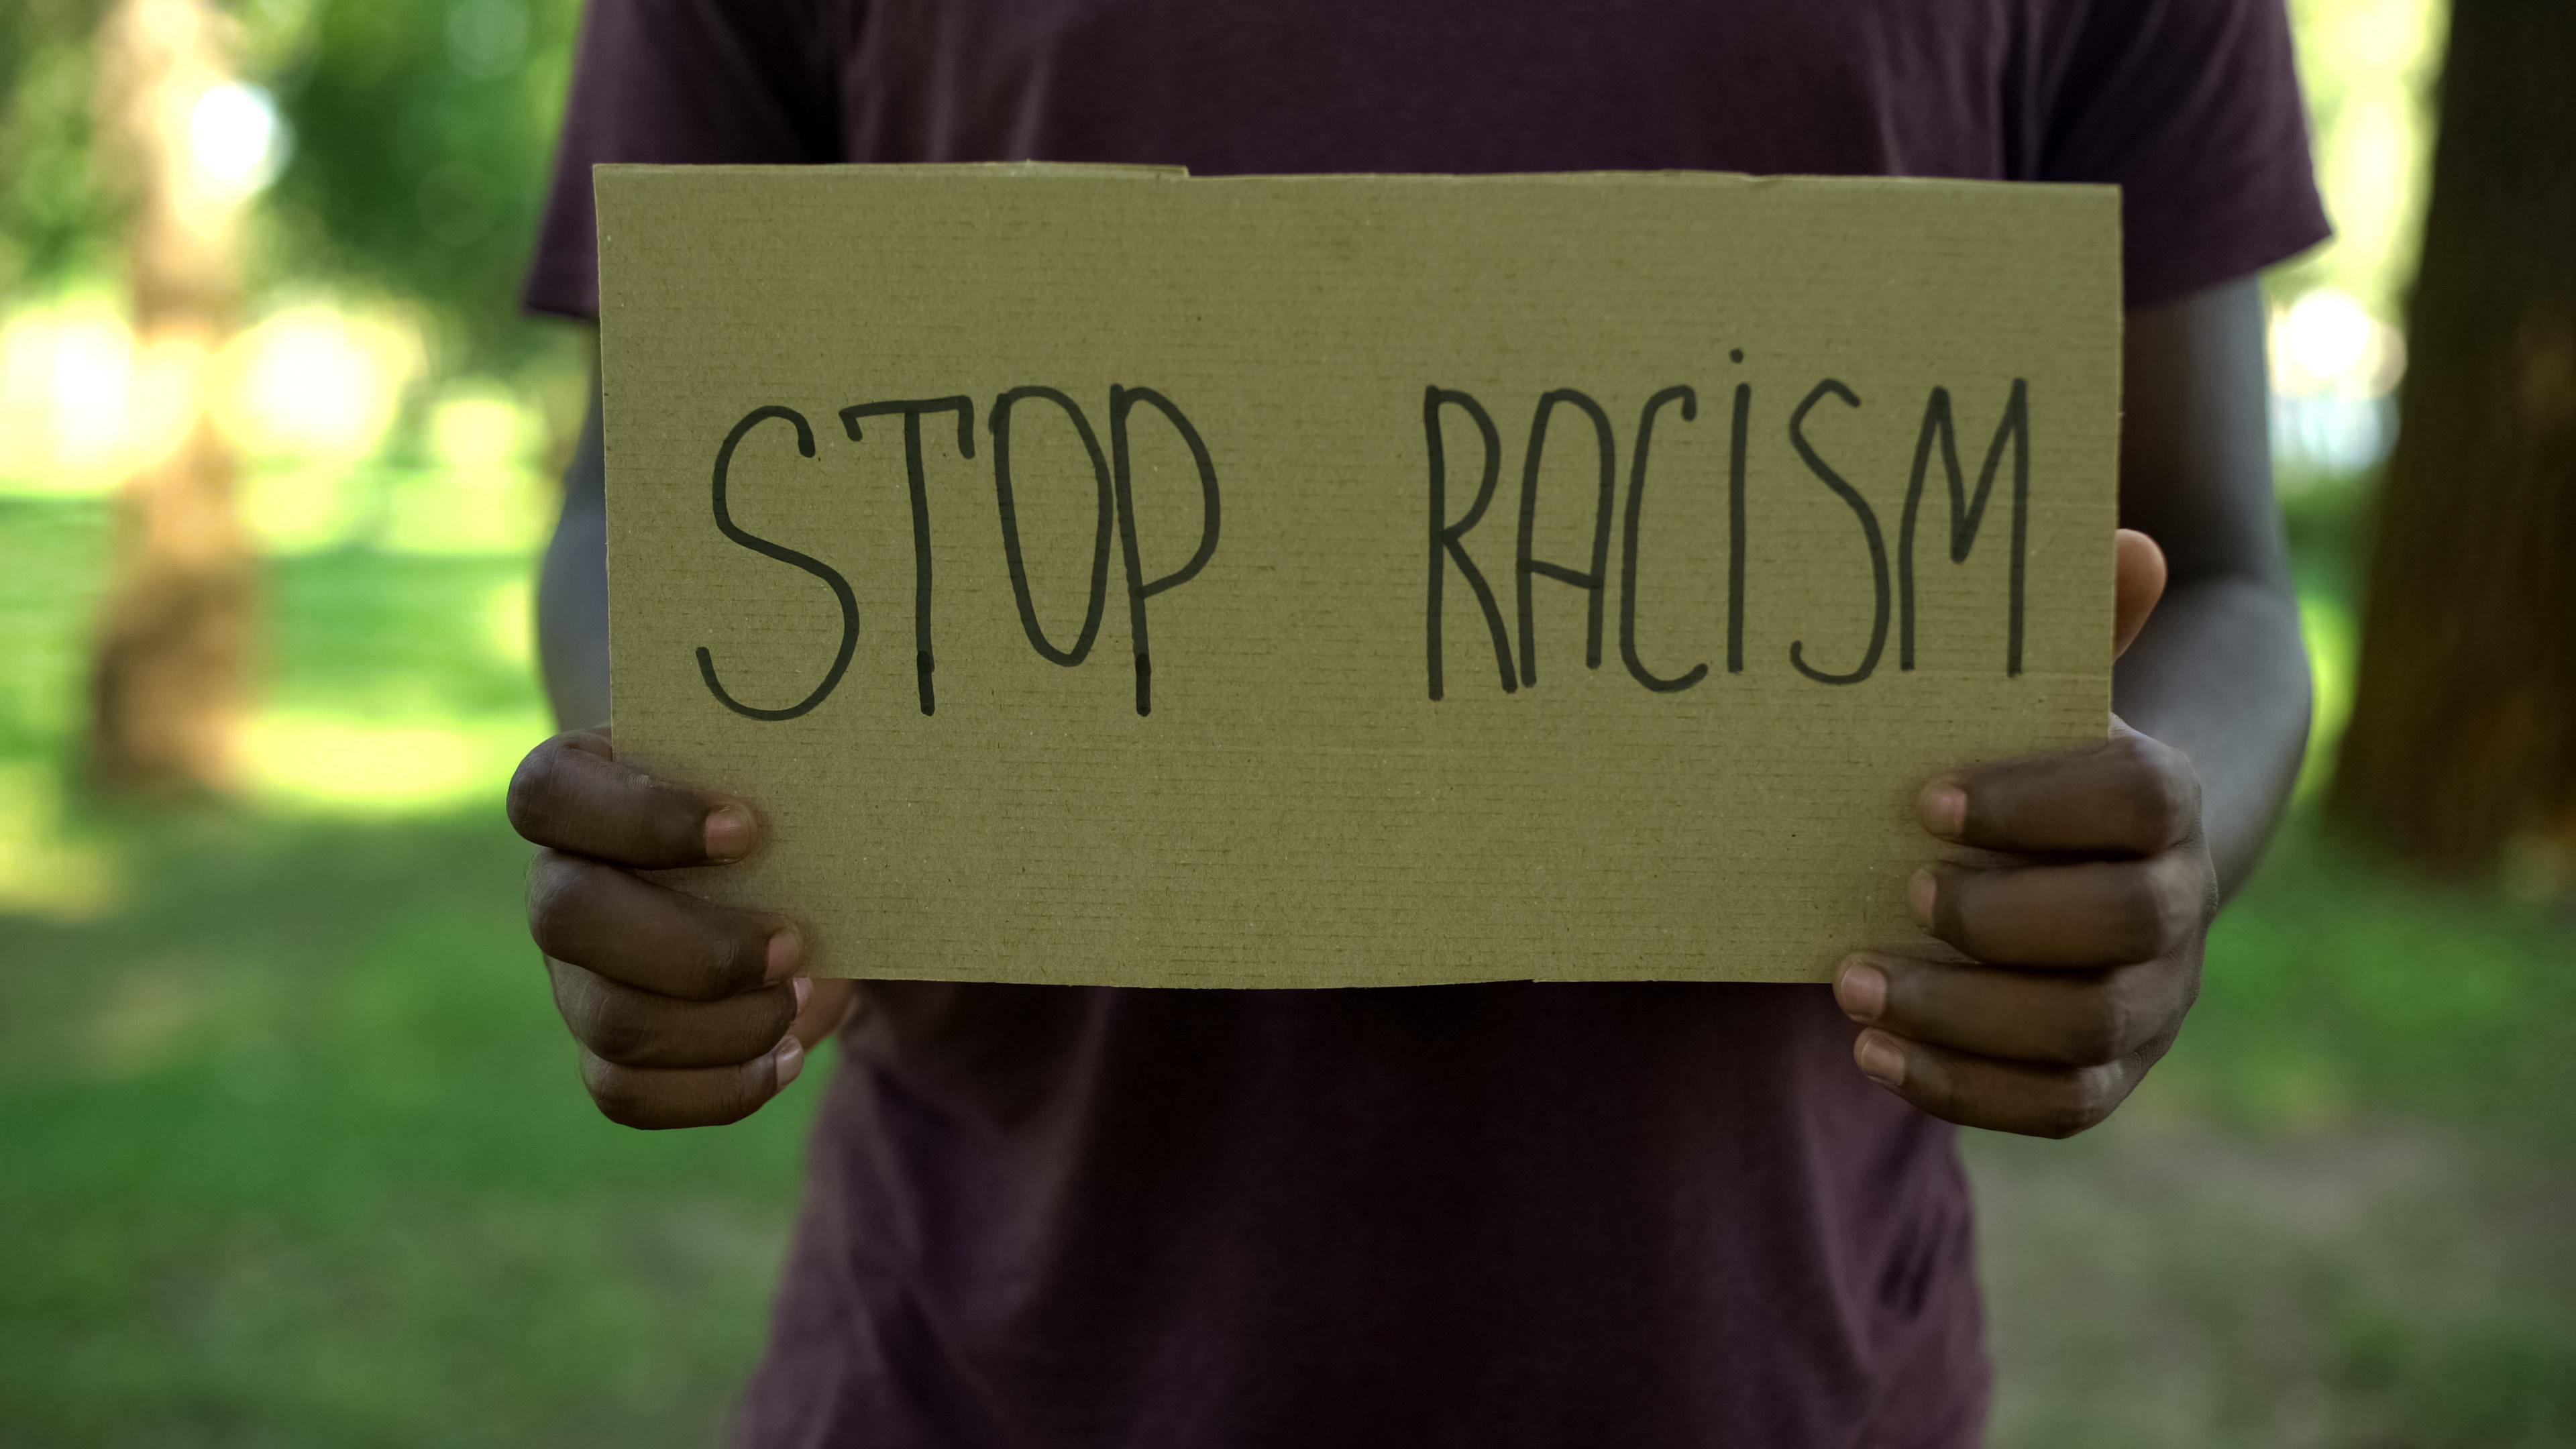 El llamado a repasar la historia del racismo y sus efectos hoy